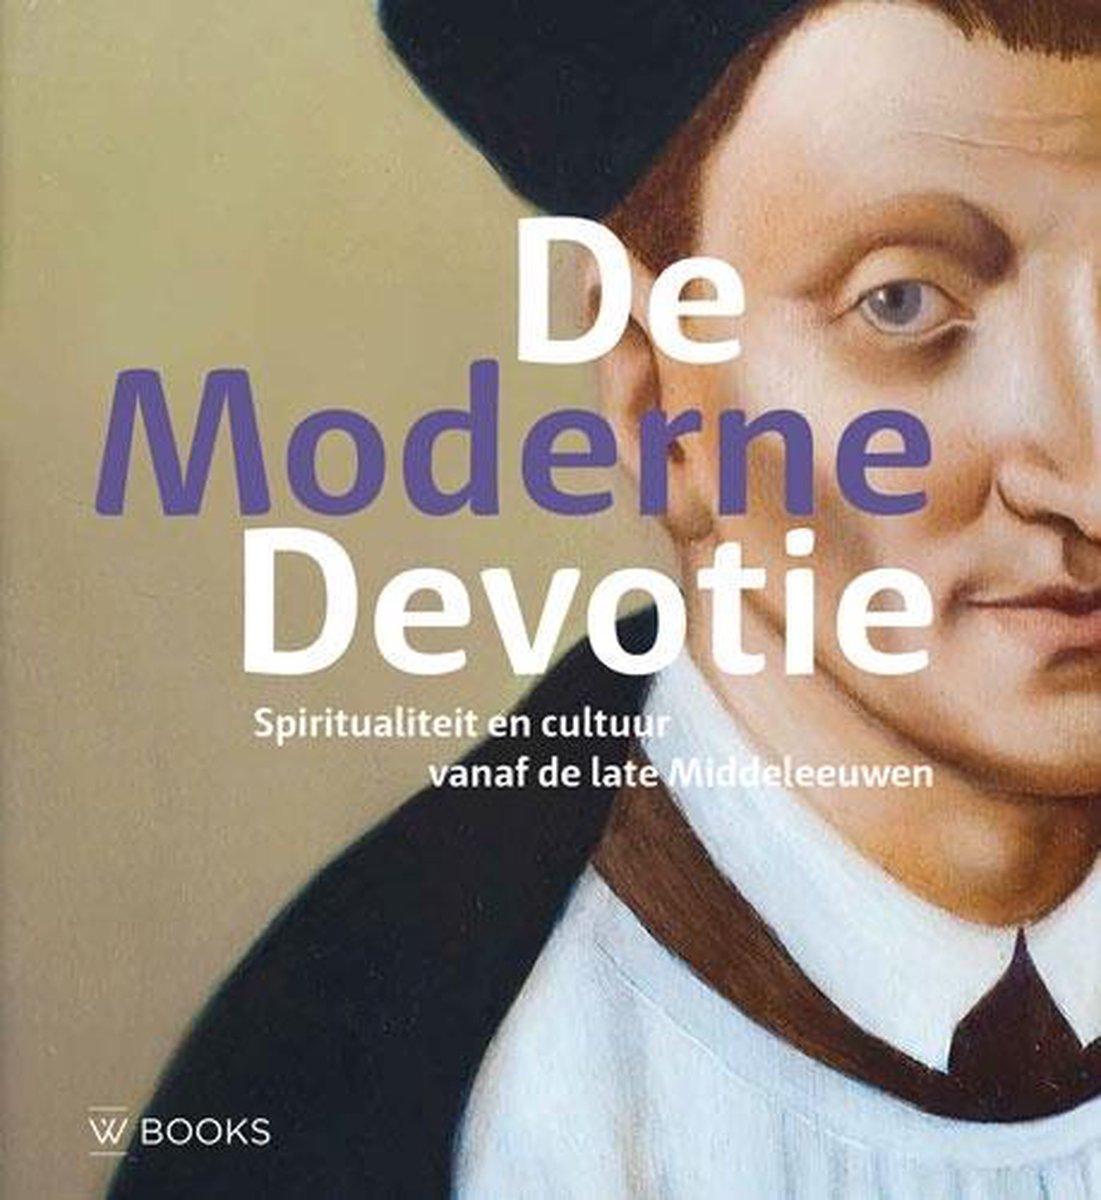 ,De Moderne devotie